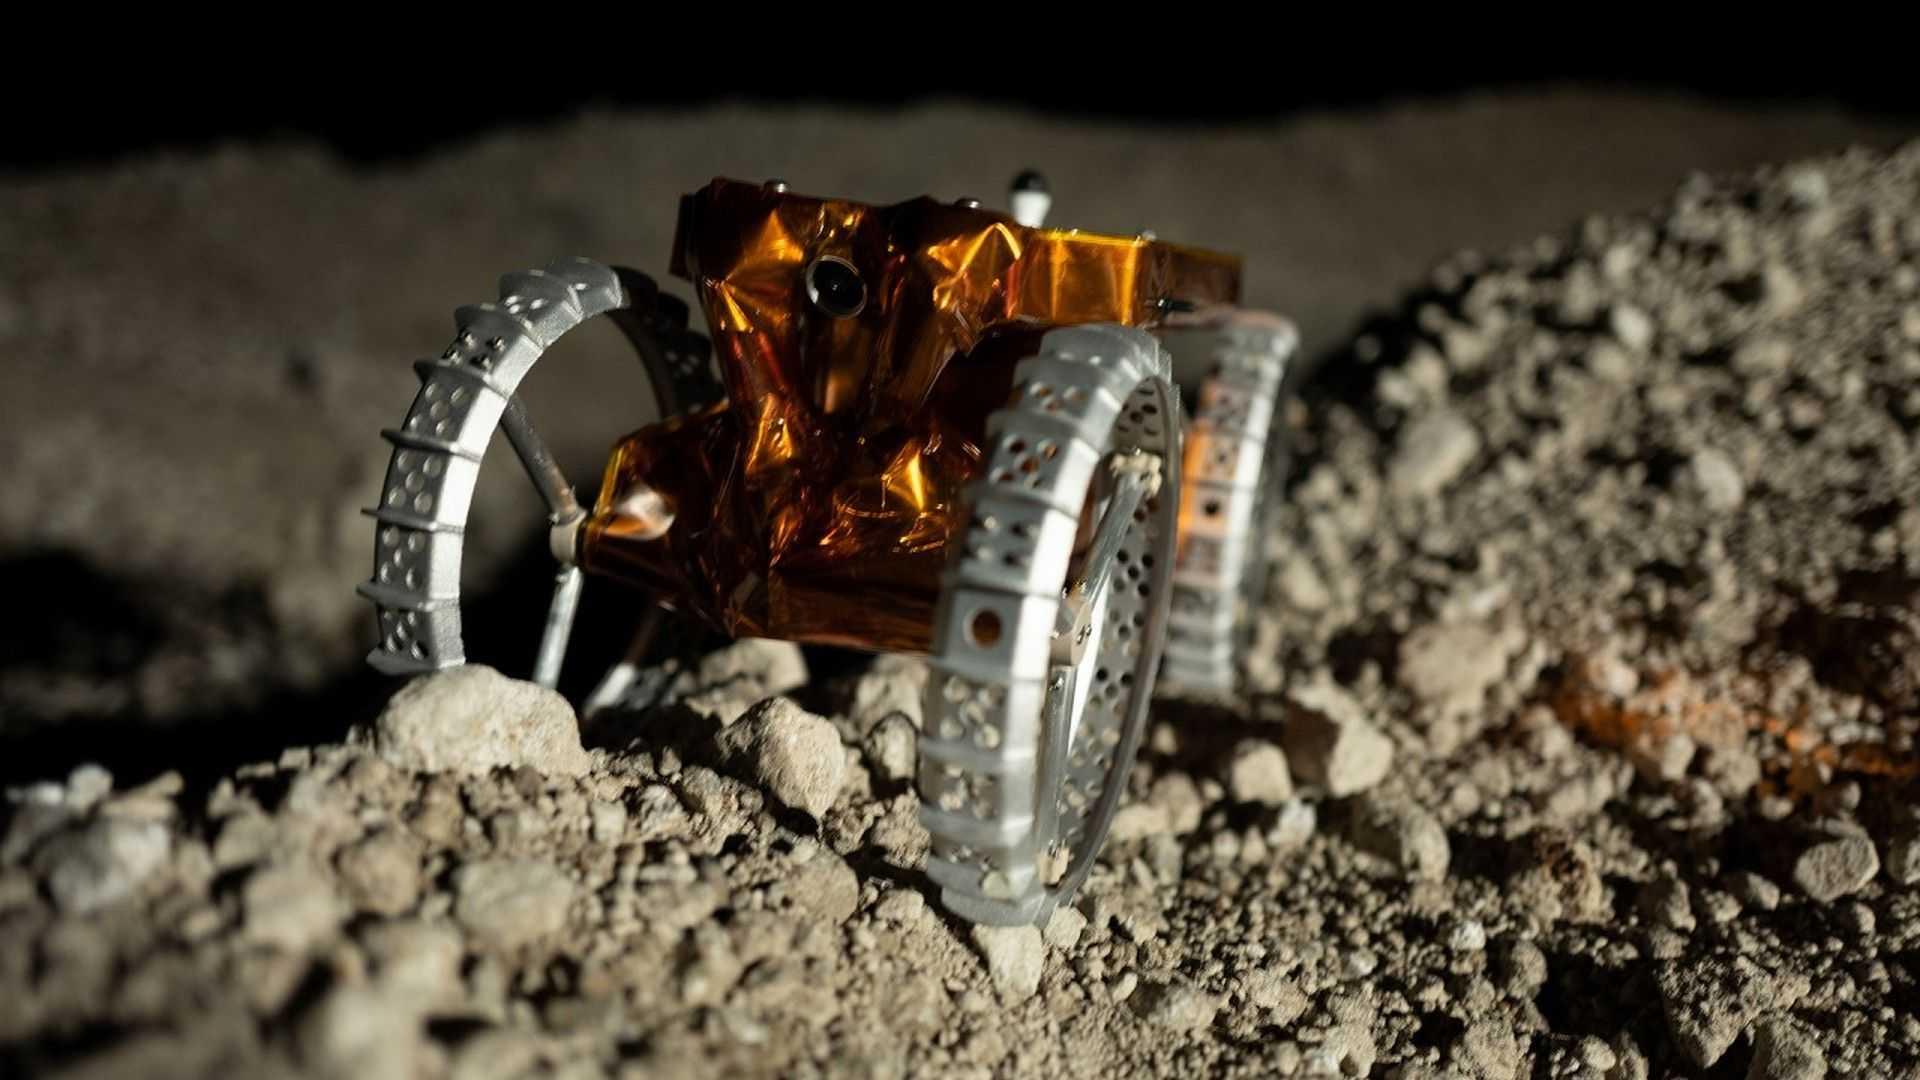 https://cdn.motor1.com/images/mgl/ZX31z/s6/bosch-lunar-rover.jpg